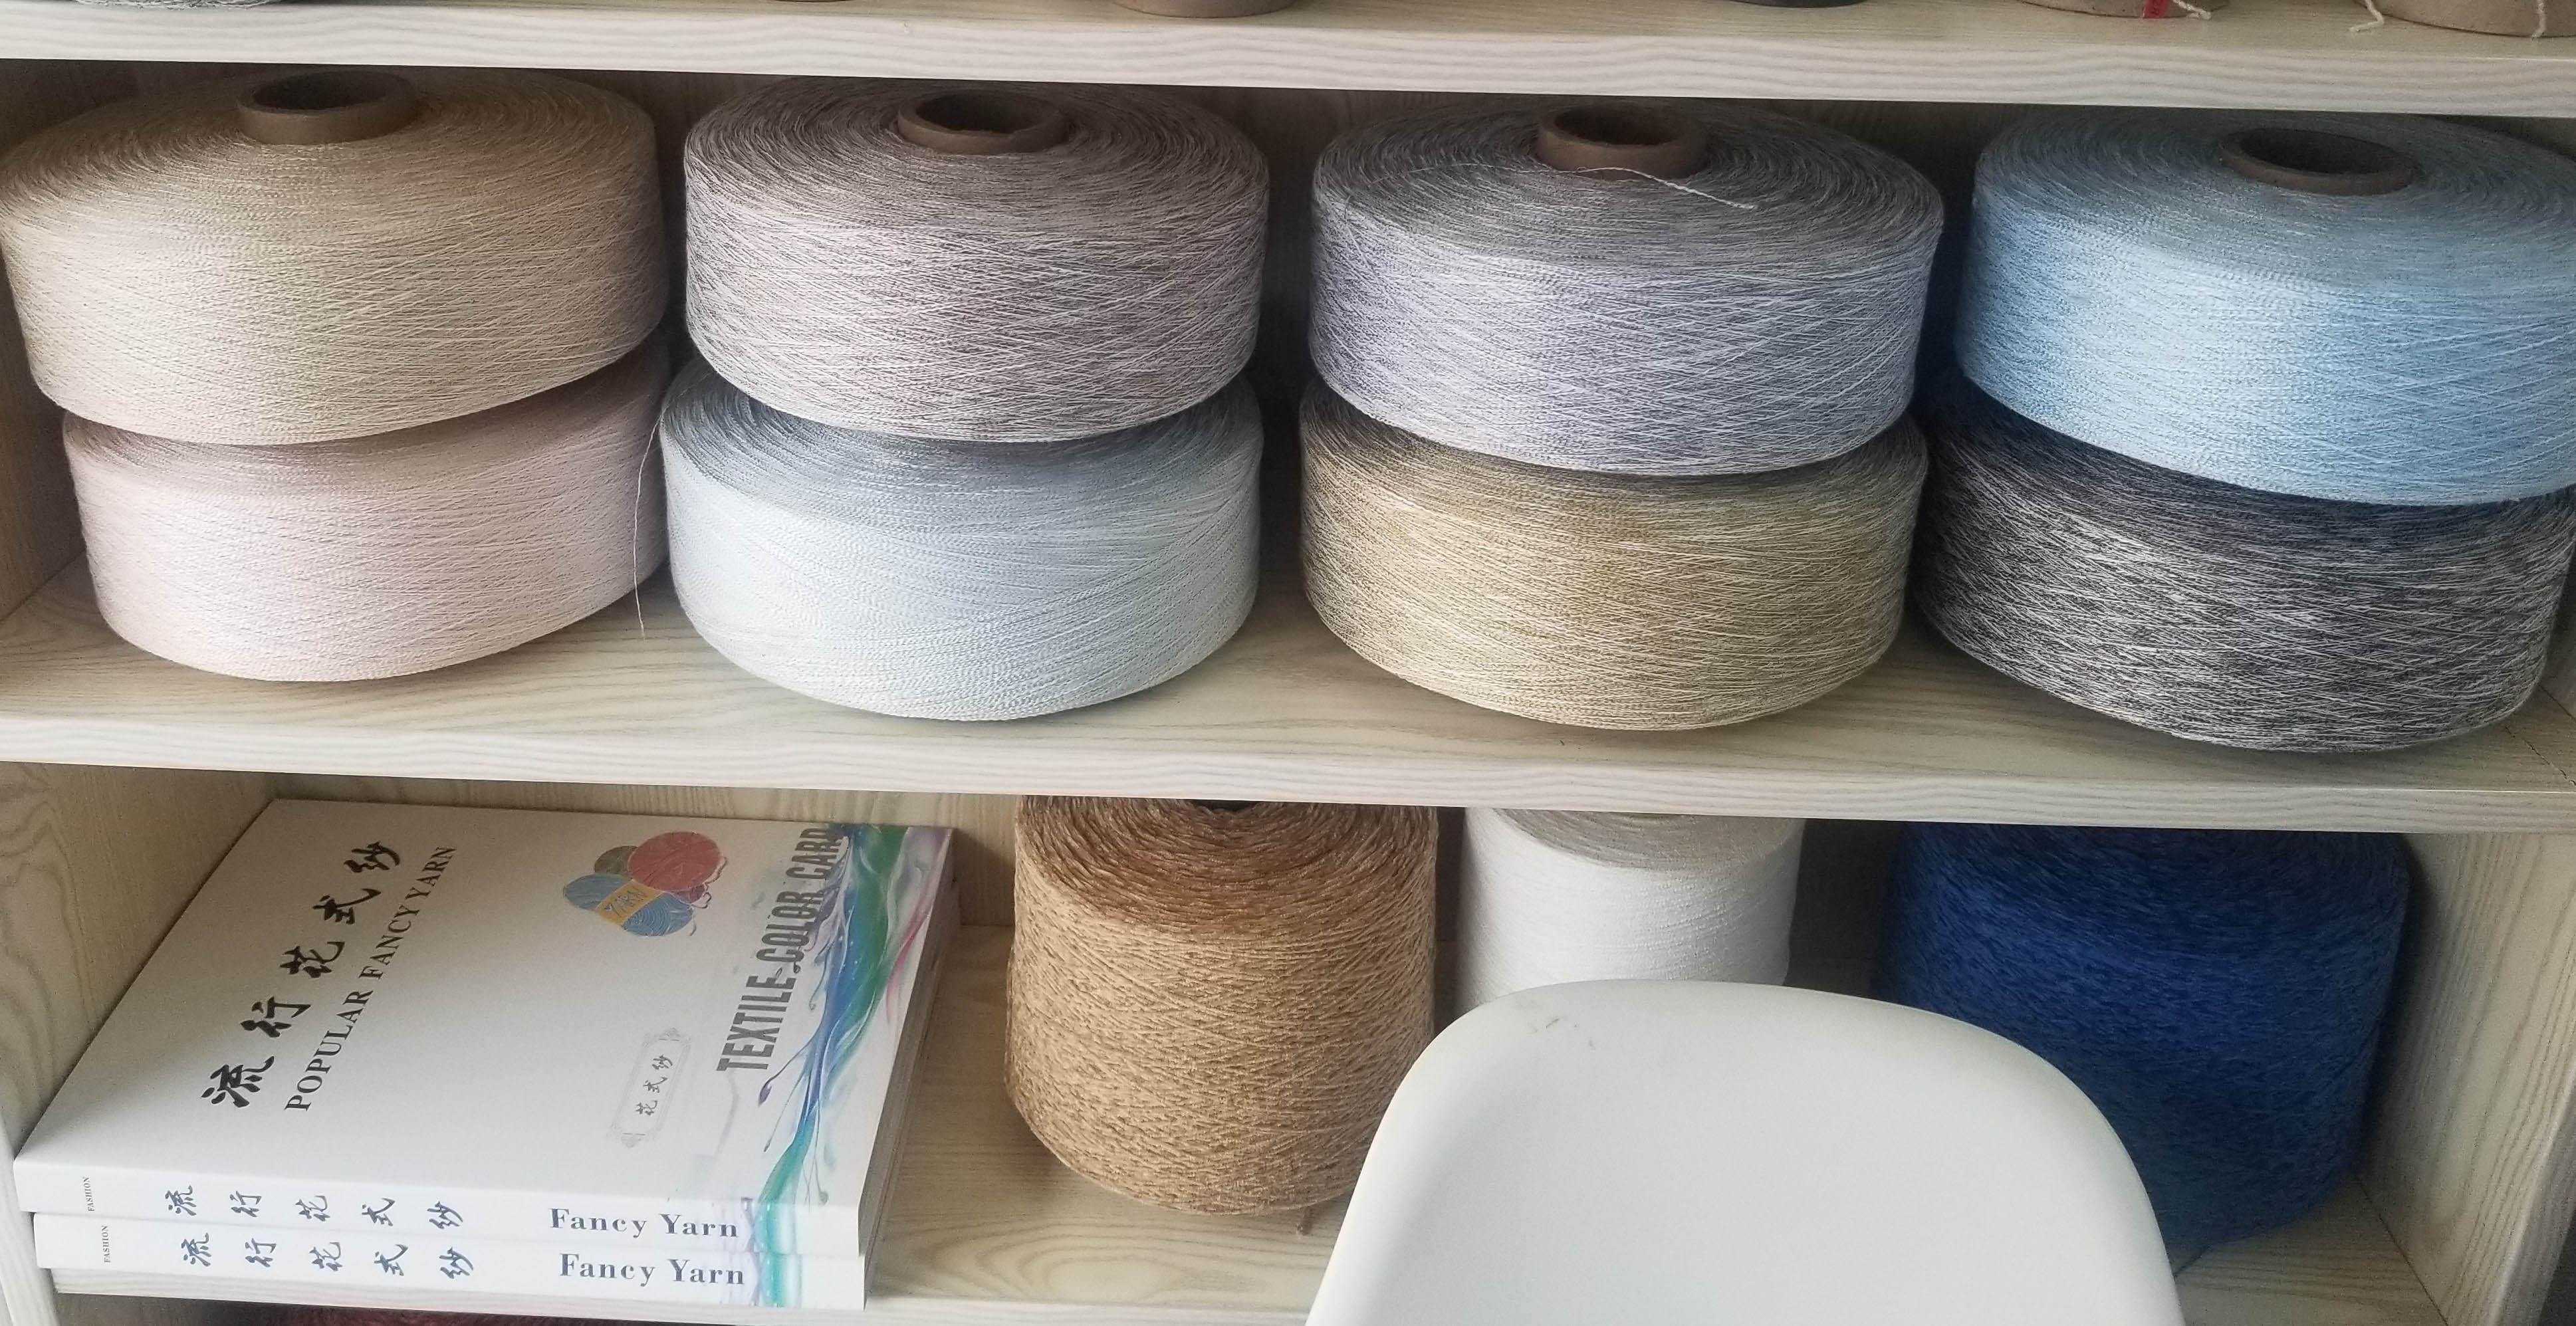 Big-Belly Yarn, 100%Polyester, Fancy Yarn